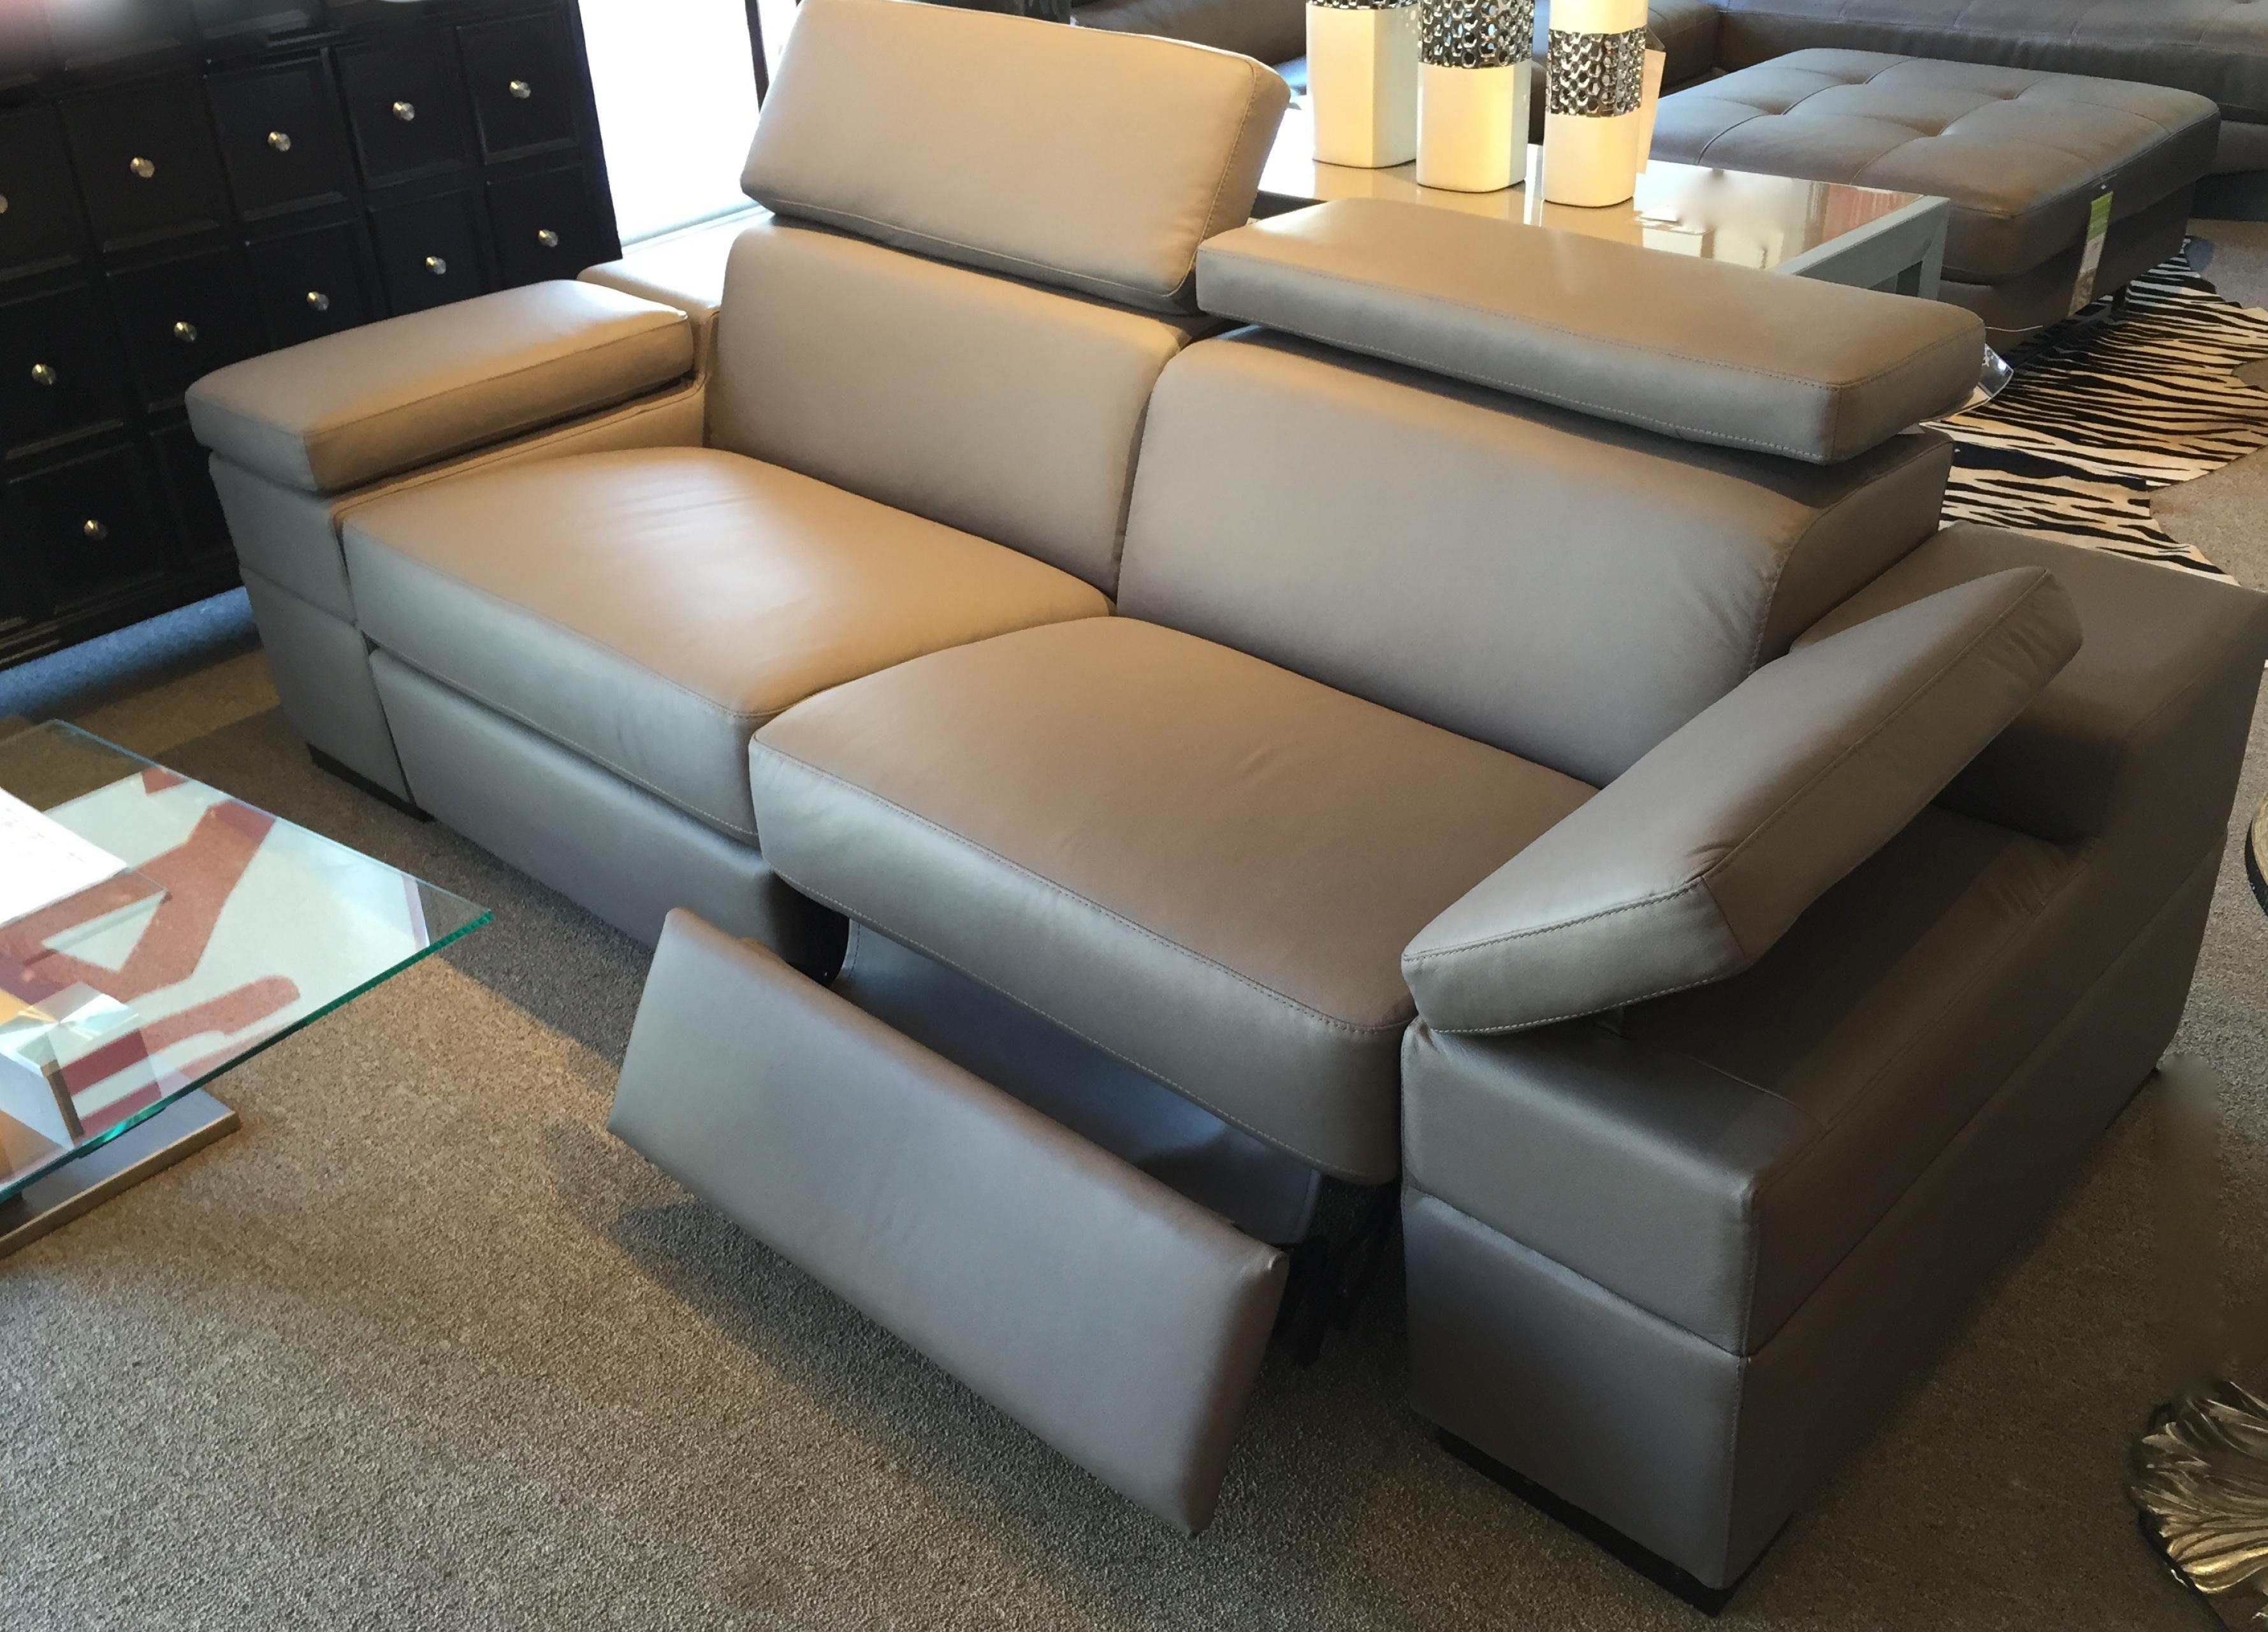 The Zuri Sofa From Palliser Showroom 400 At 220elm Hpmkt Palliser